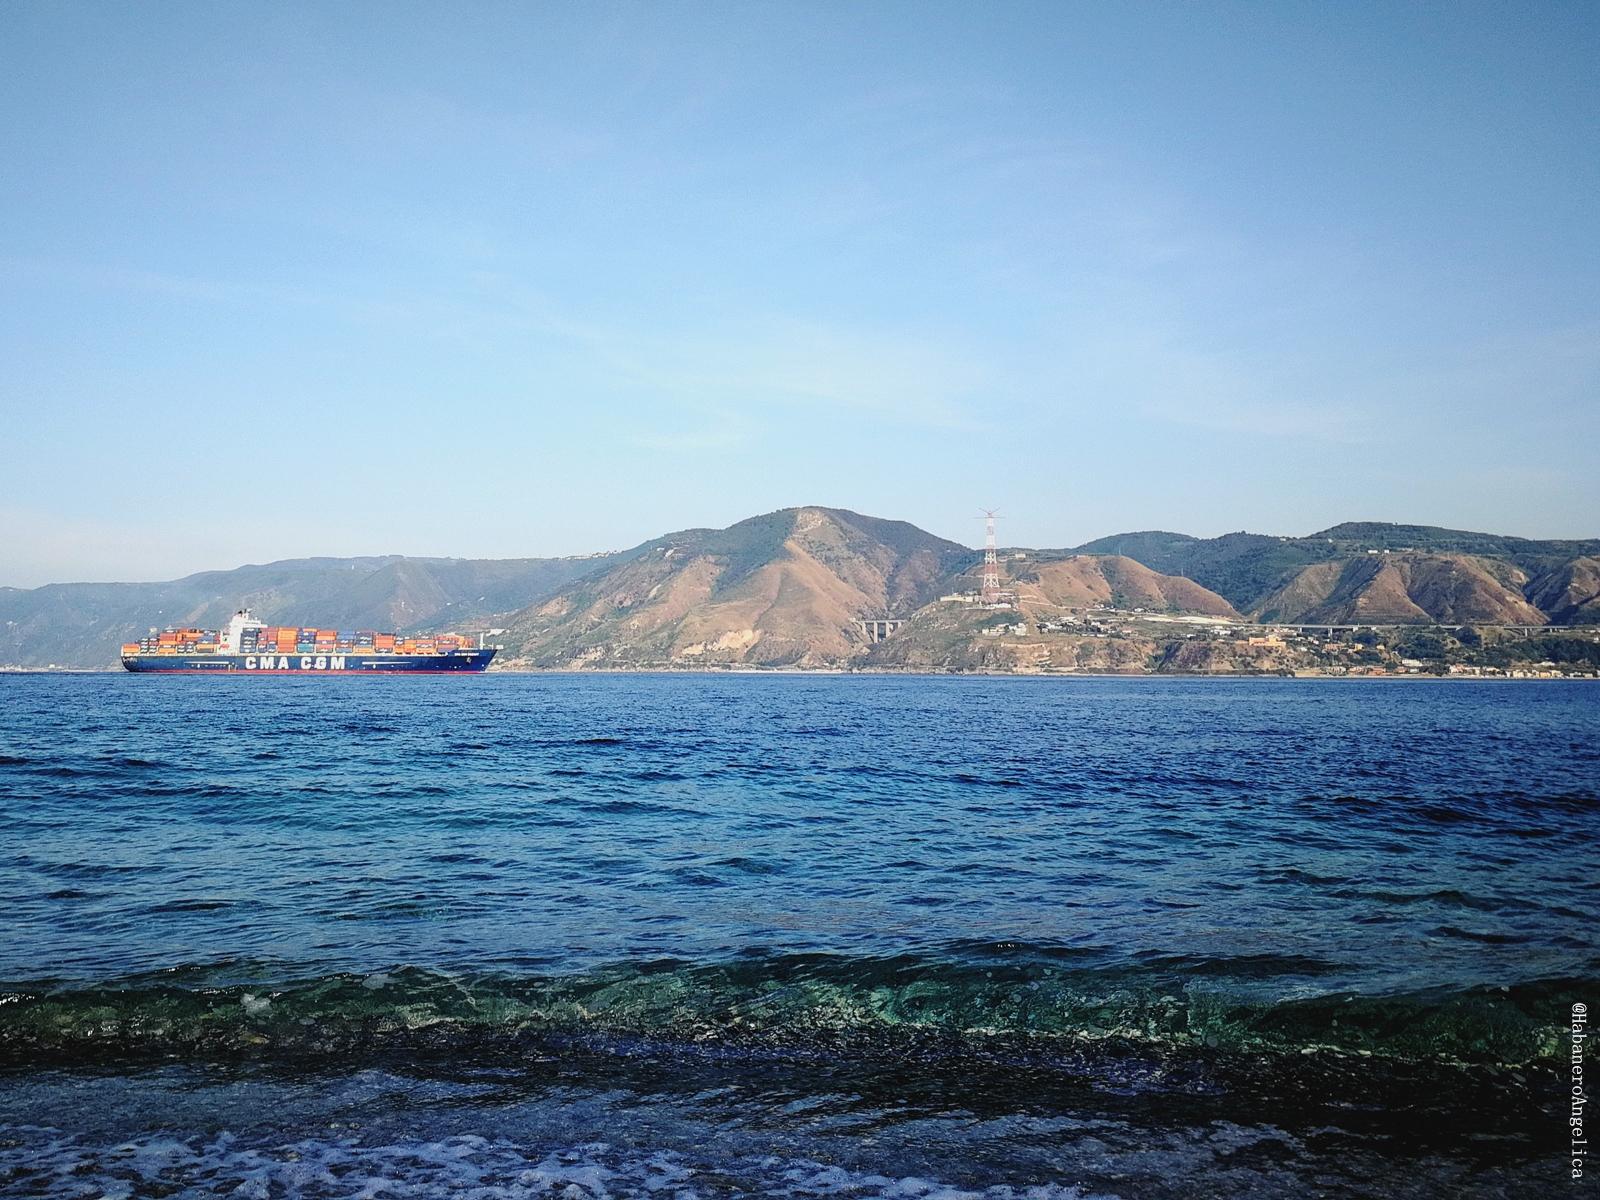 Stretto di MessinaScilla e Cariddi Sicilia Calabria Strait of Messina Ecosystem